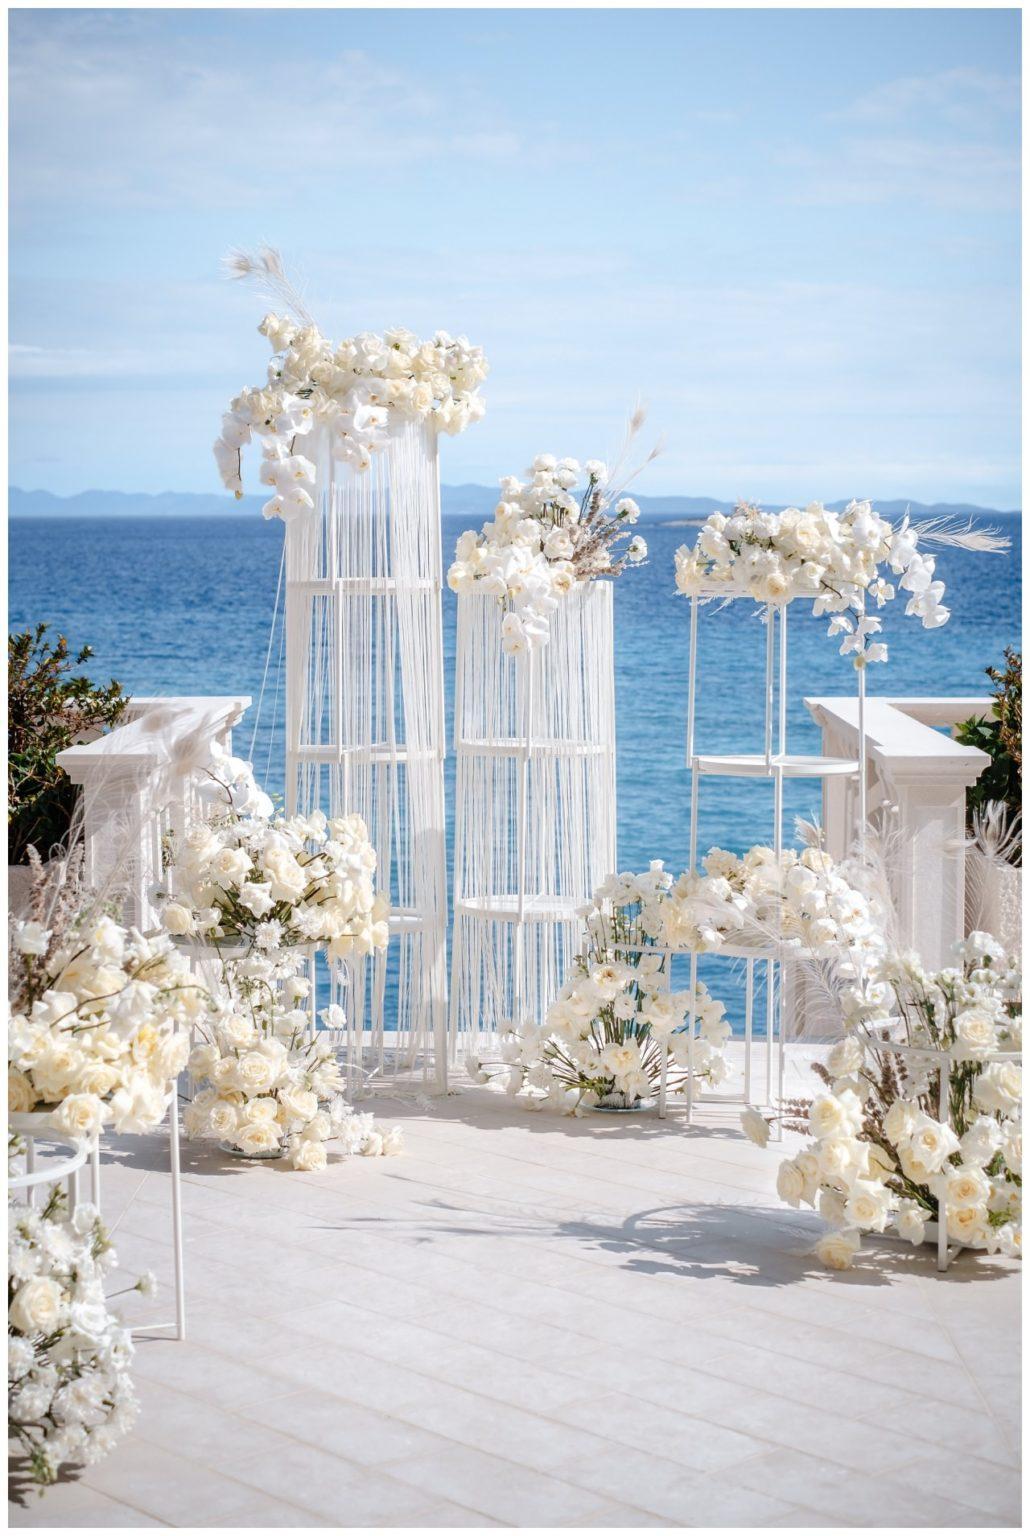 Hochzeit Kroatien Hochzeitsplanung Hochzeitsplaner Fotograf 8 - Luxuriöse Hochzeit in Weiß